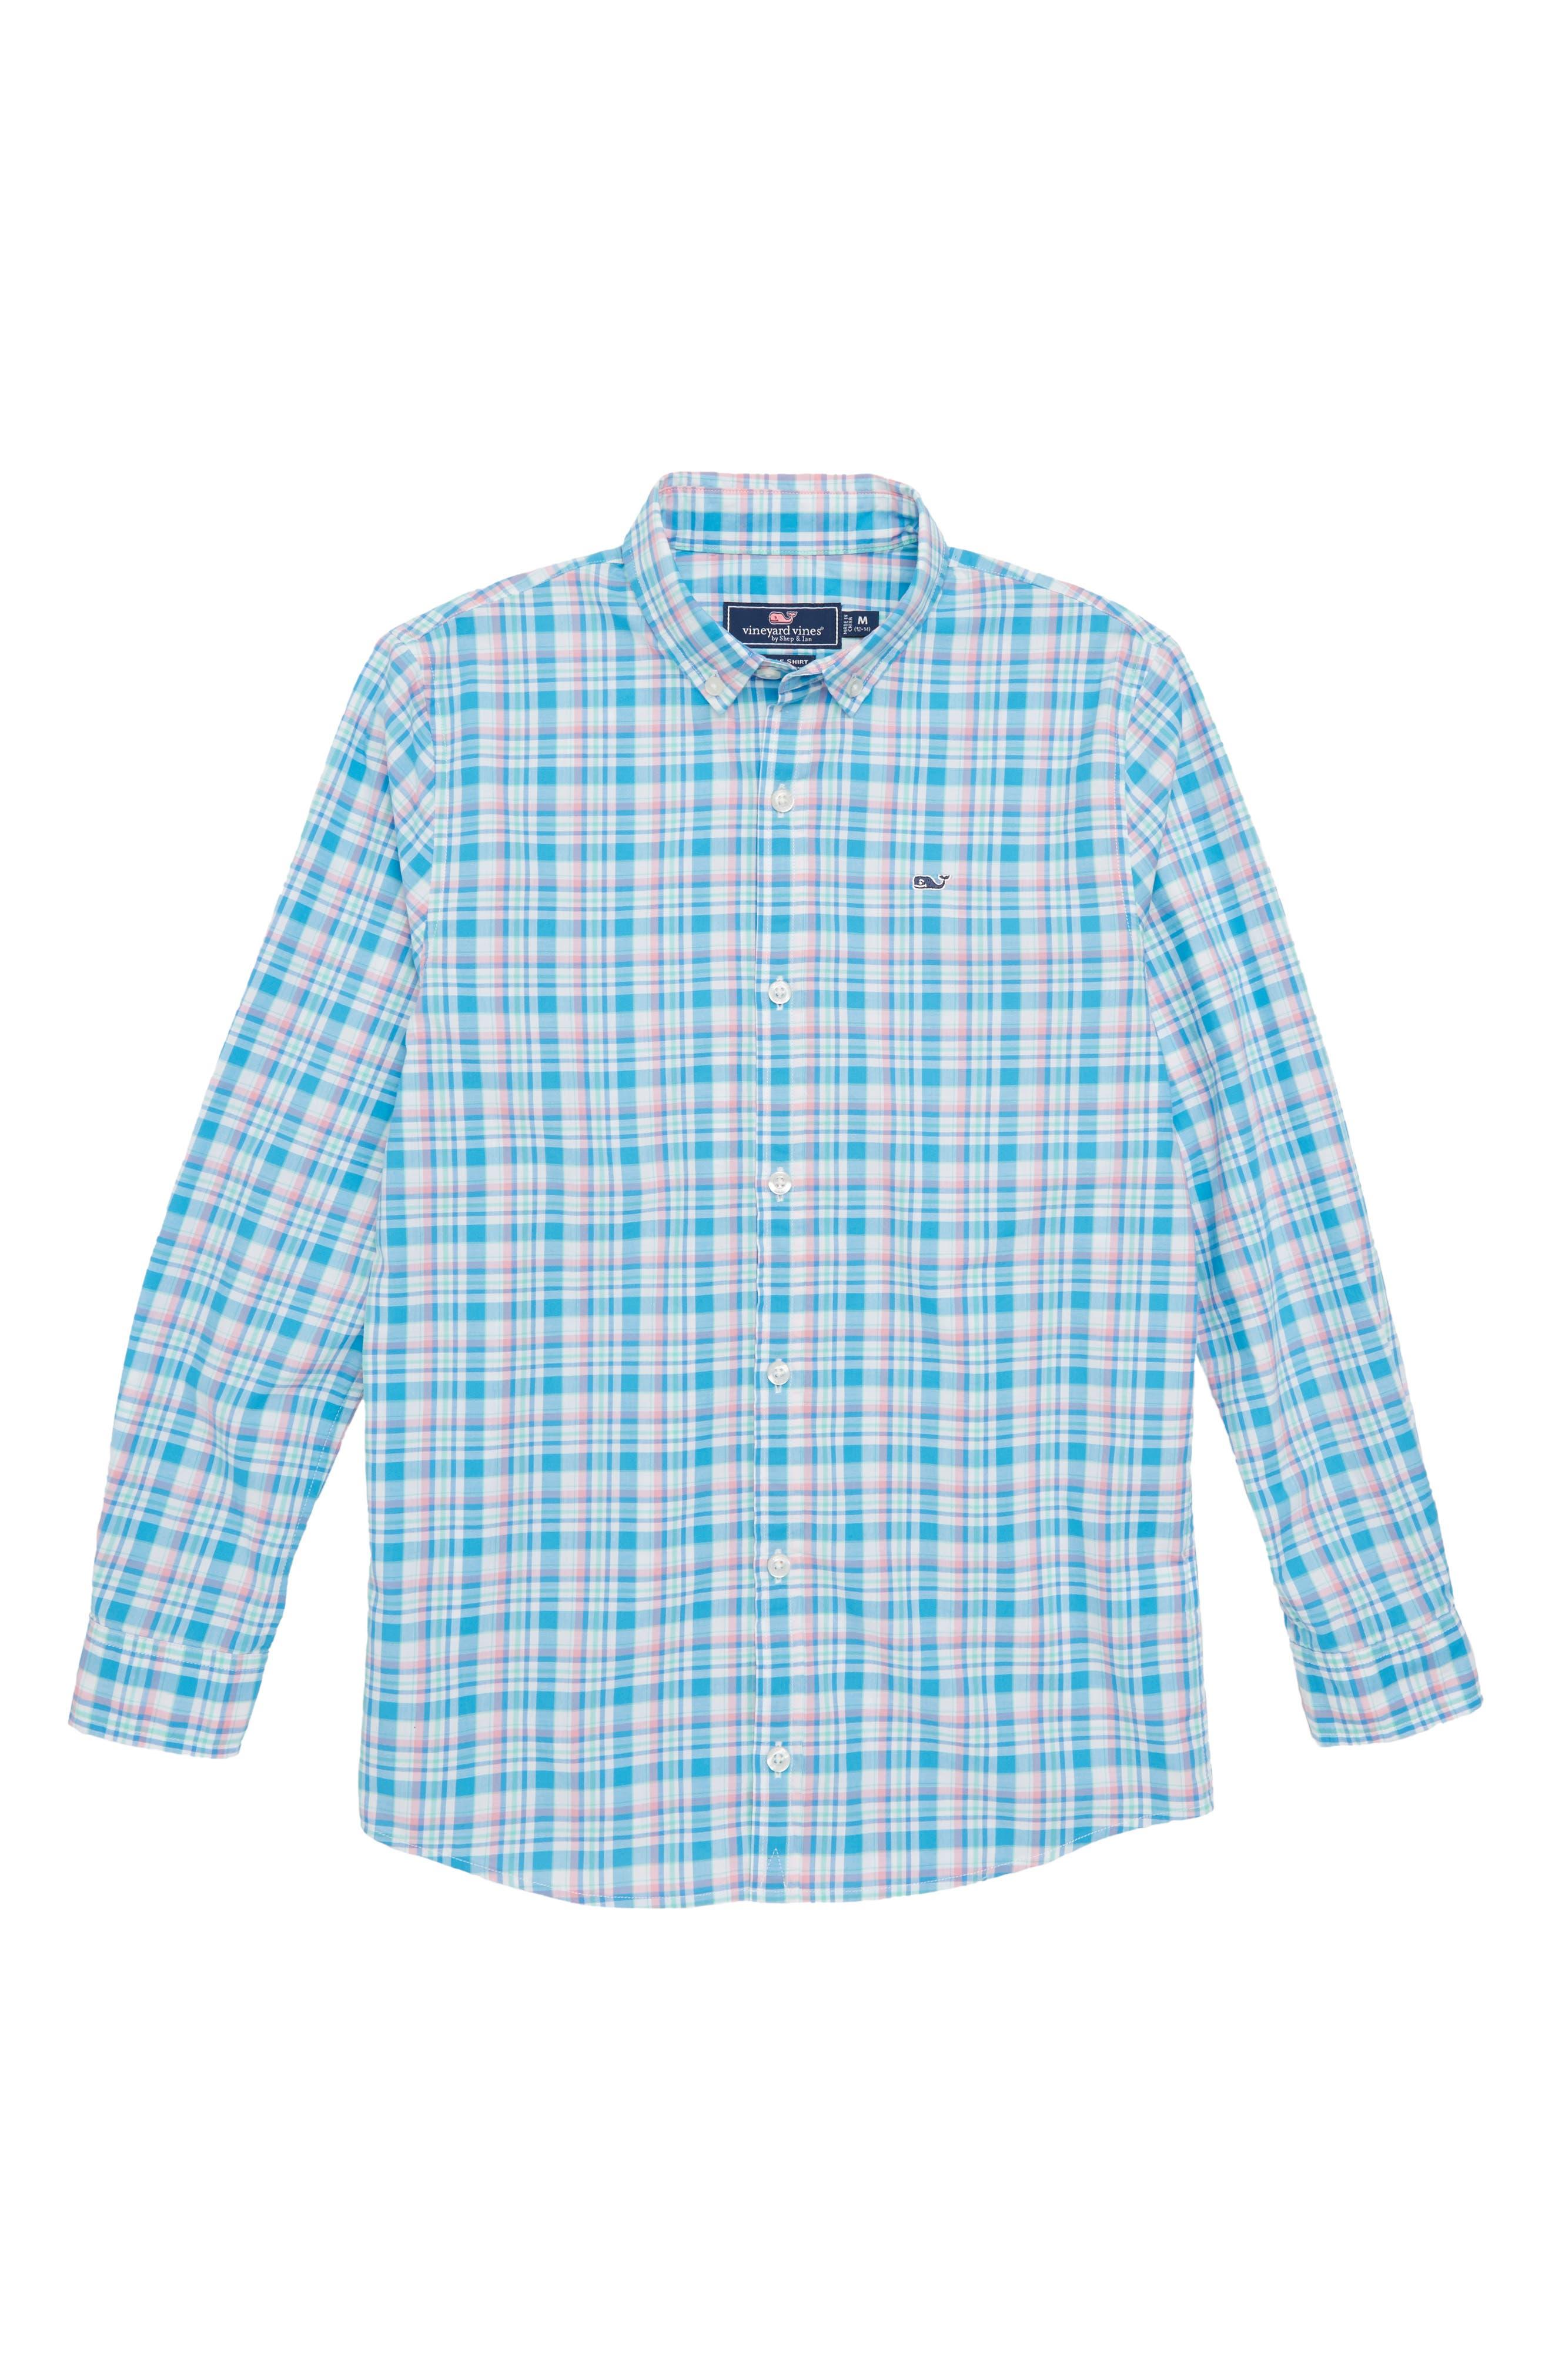 Pimnys Point Plaid Whale Shirt,                         Main,                         color, Keel Blue